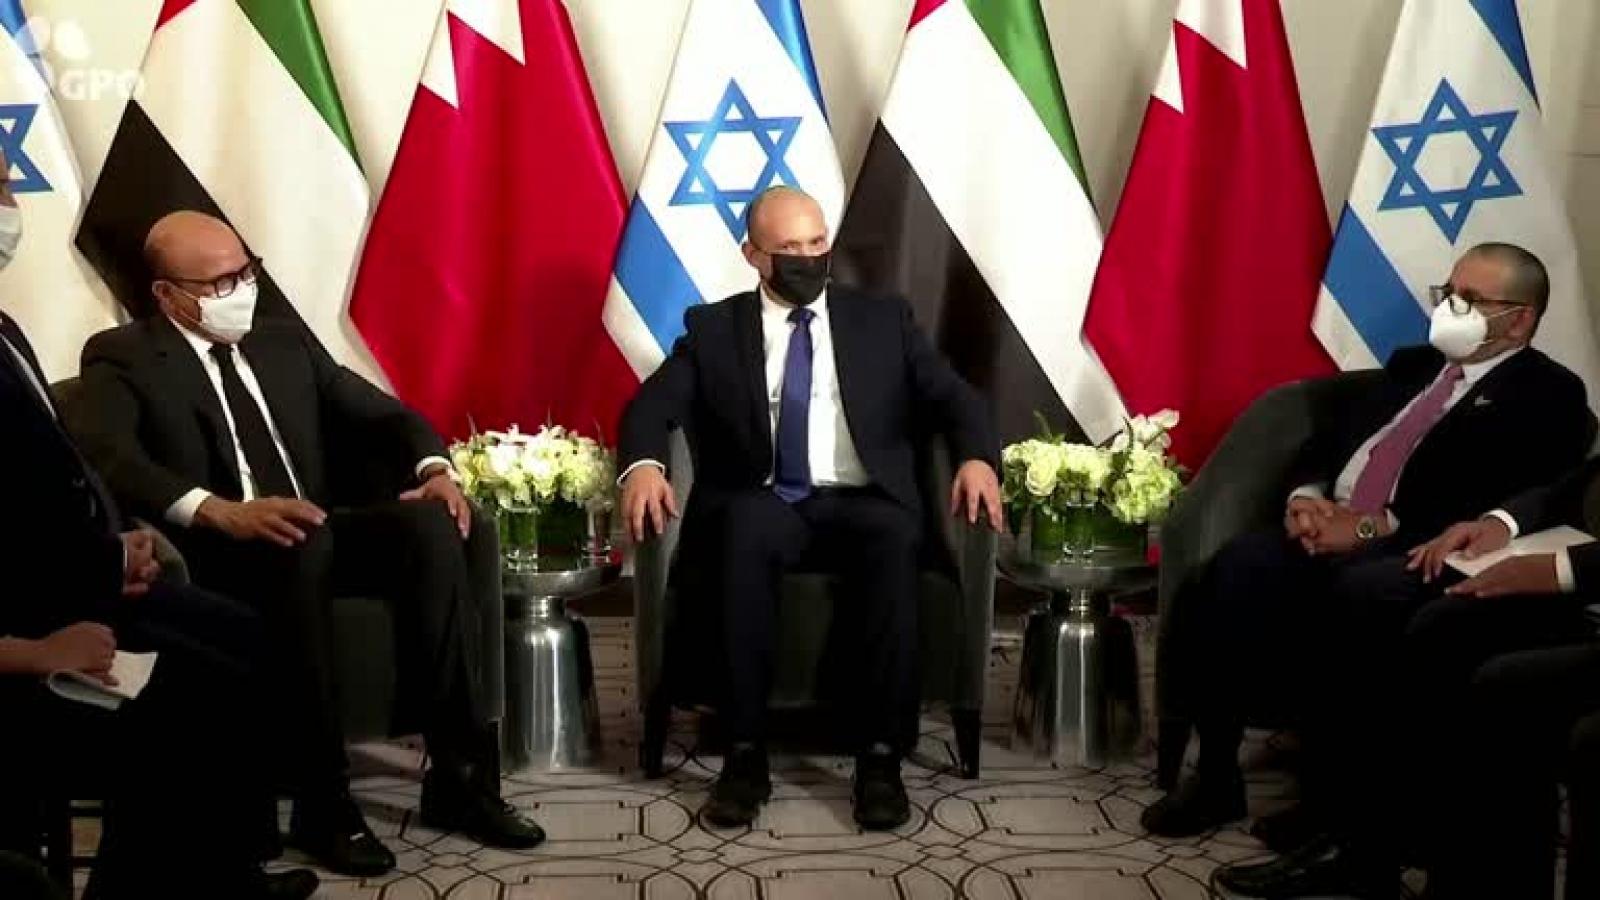 Mỹ tiếp tục vận động các nước Arab bình thường hóa quan hệ với Israel